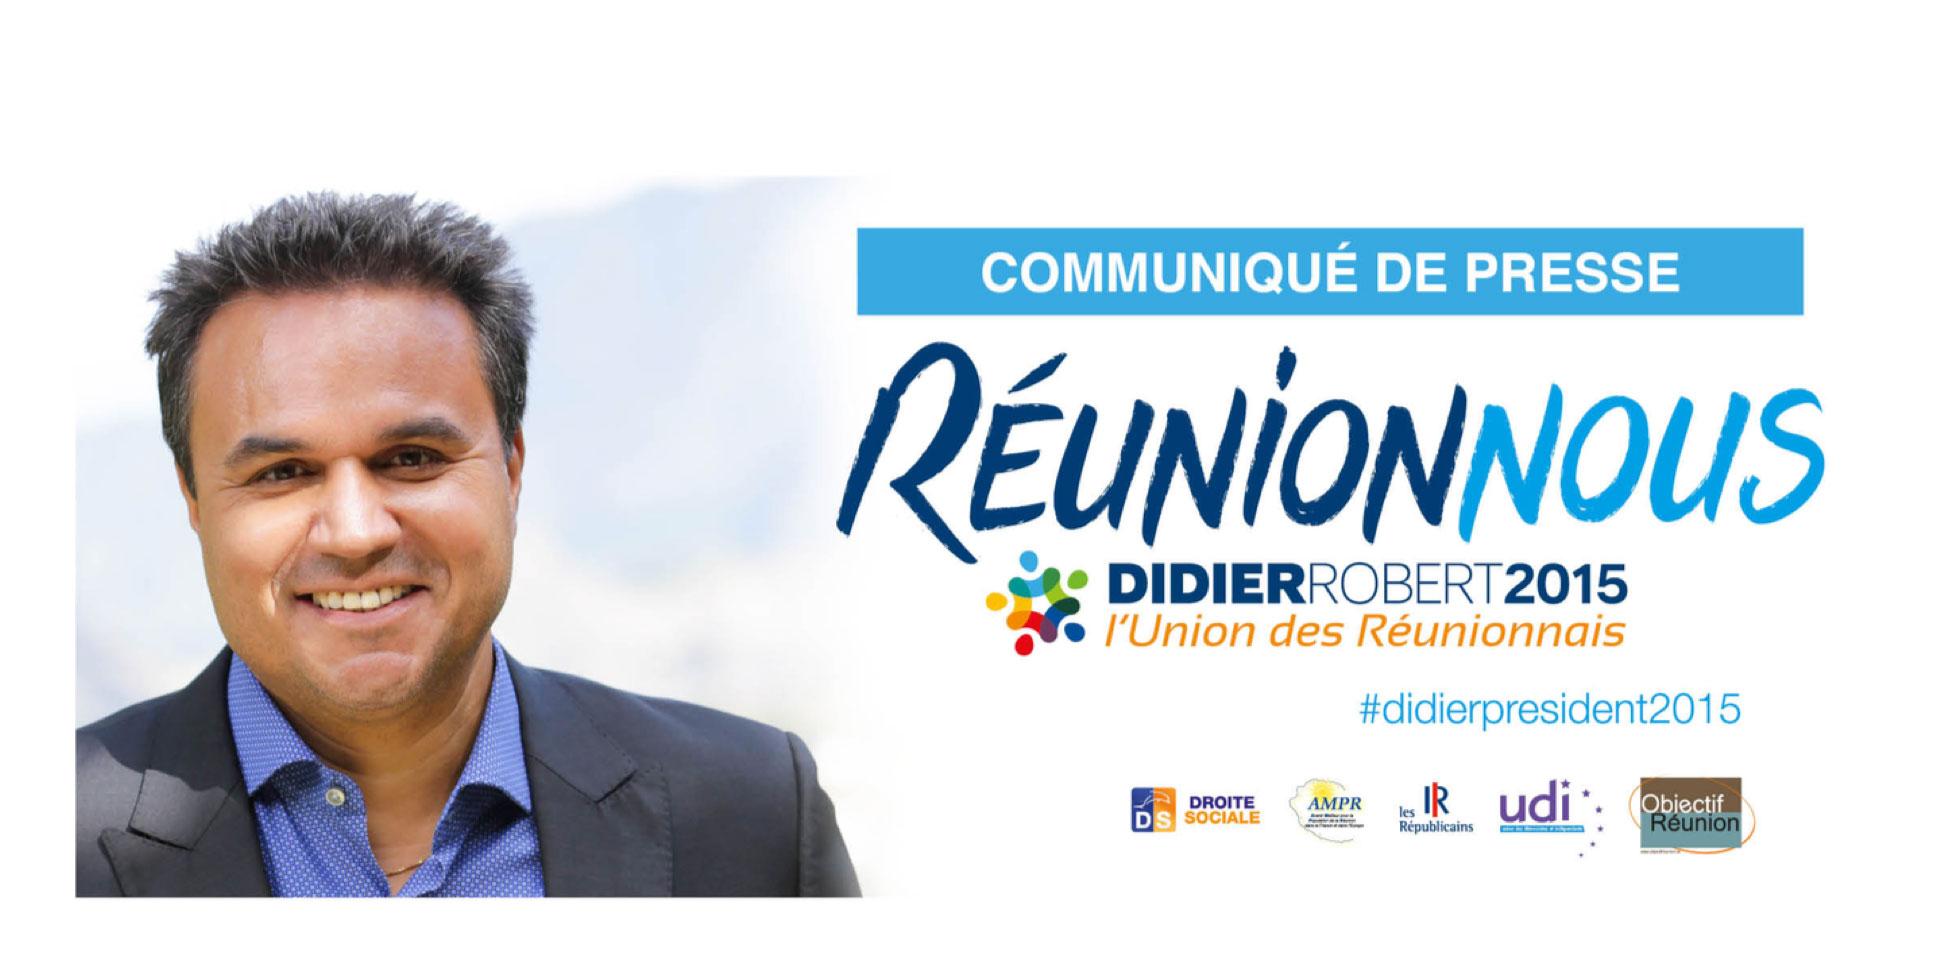 Didier ROBERT : C'est une première victoire pour La Réunion